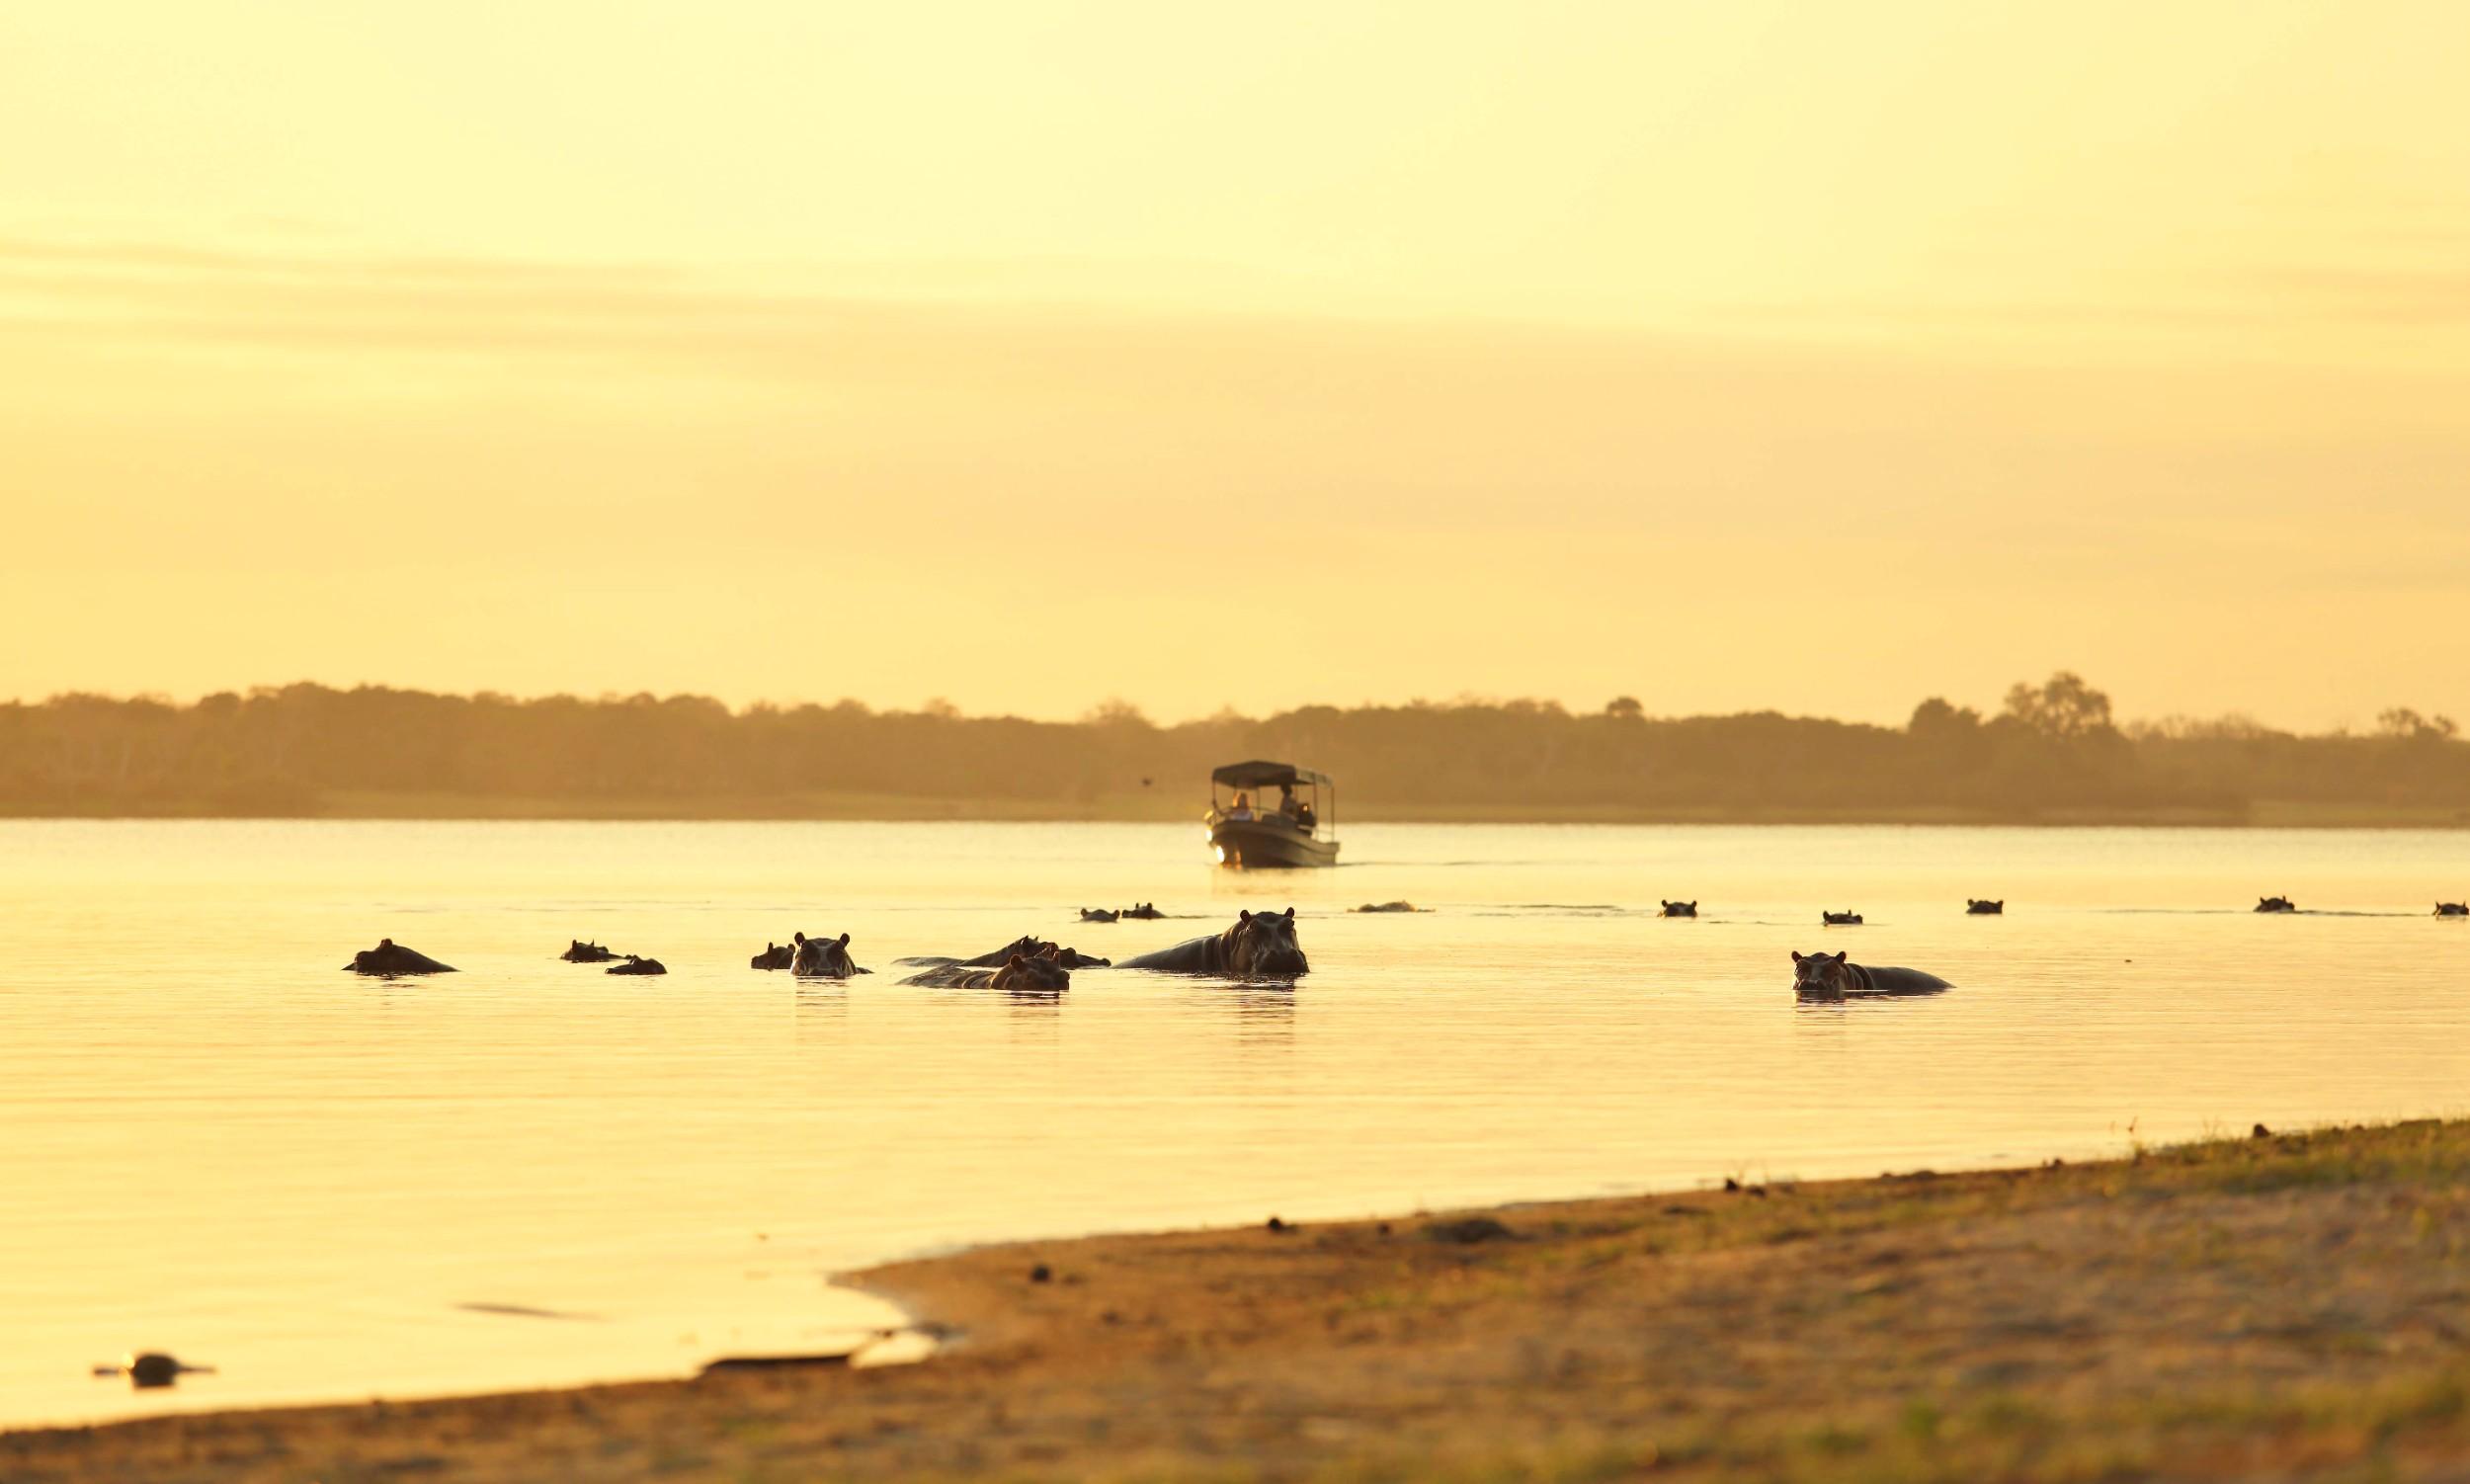 Boating-safari-hippo-spot.jpg